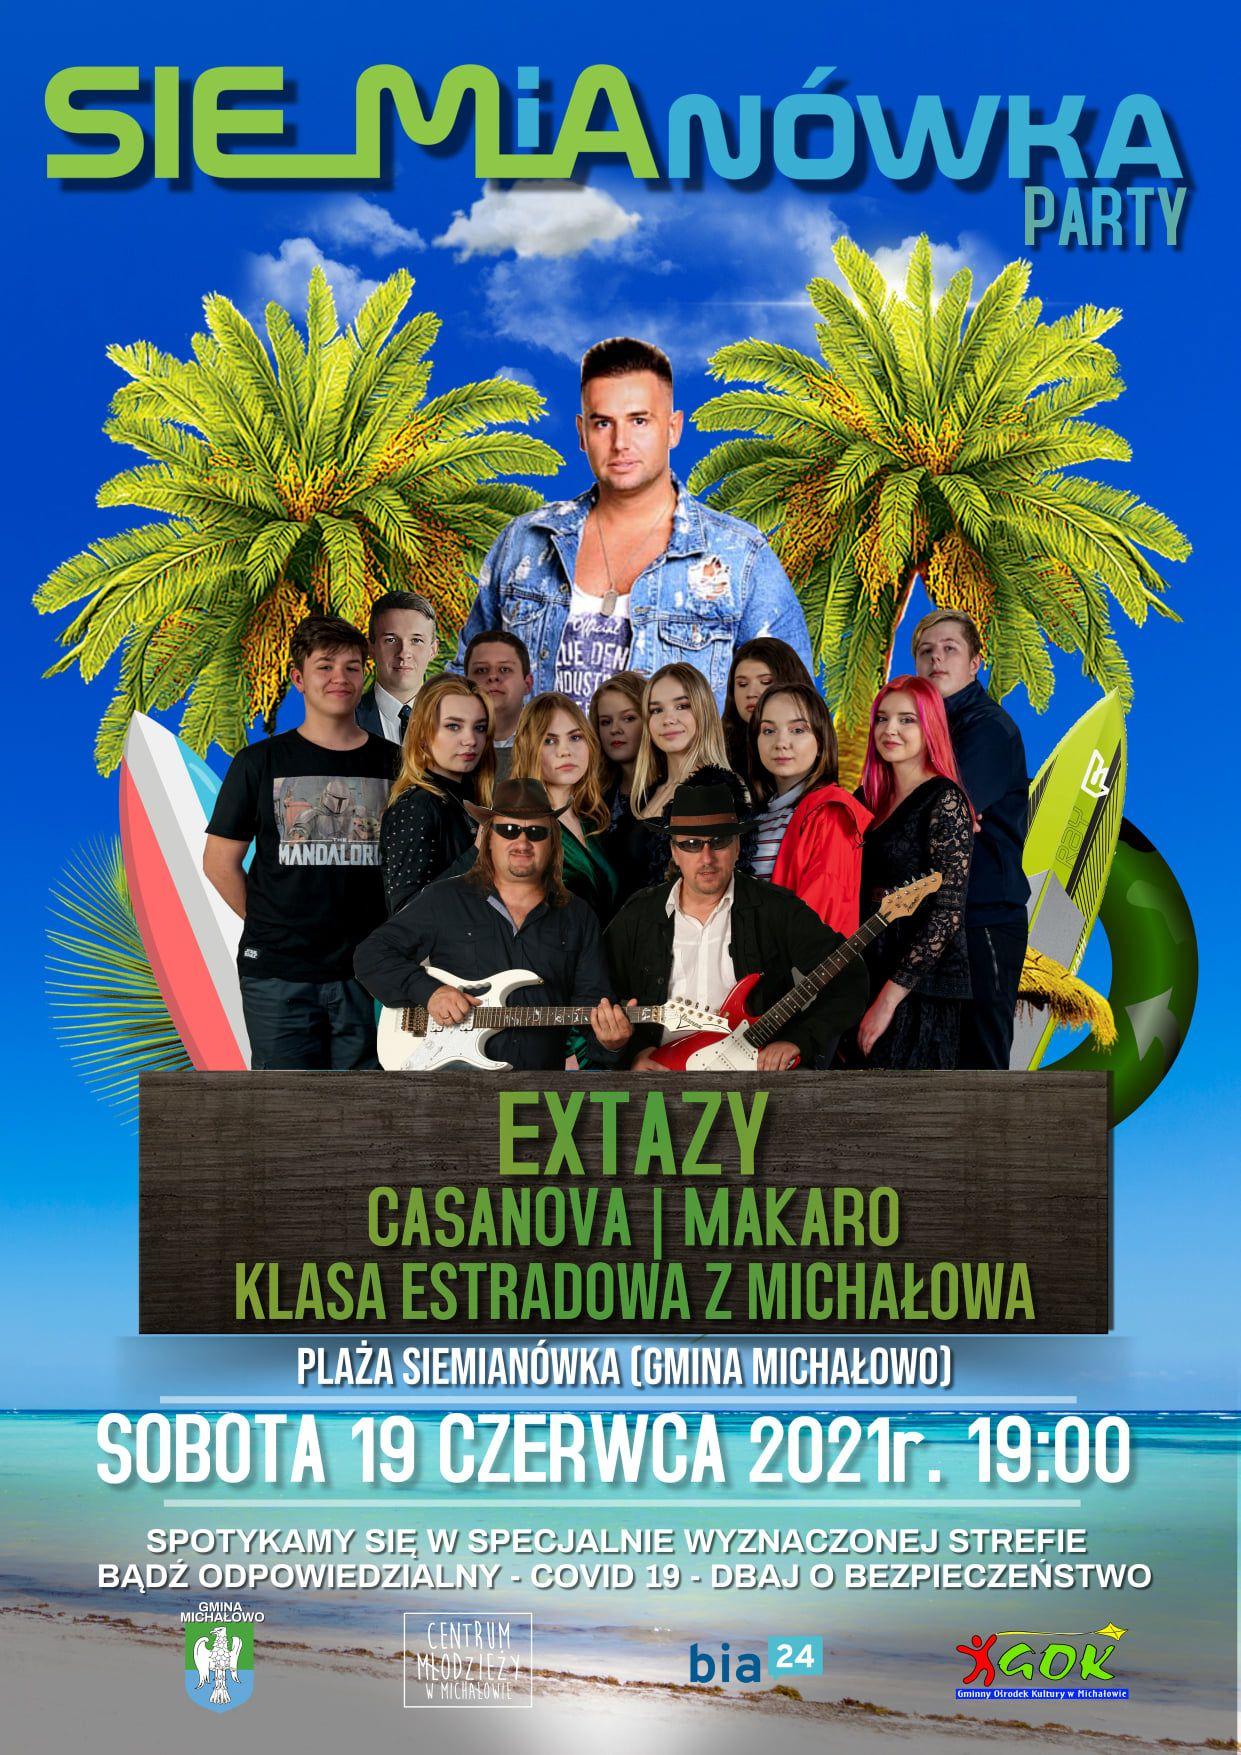 siemianowka_party